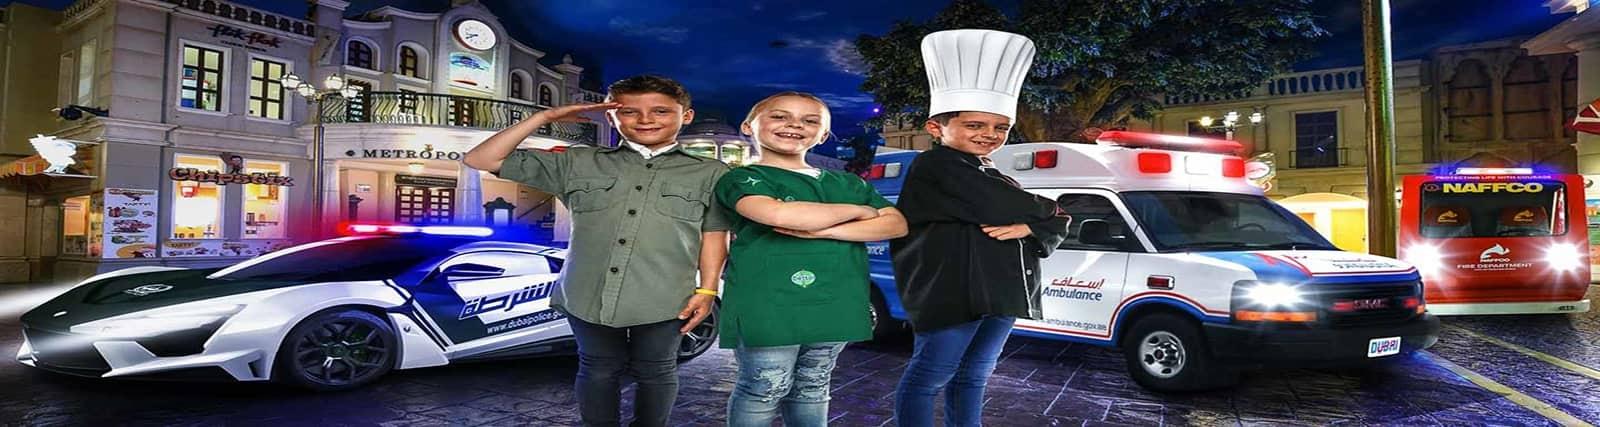 chef in kidzania